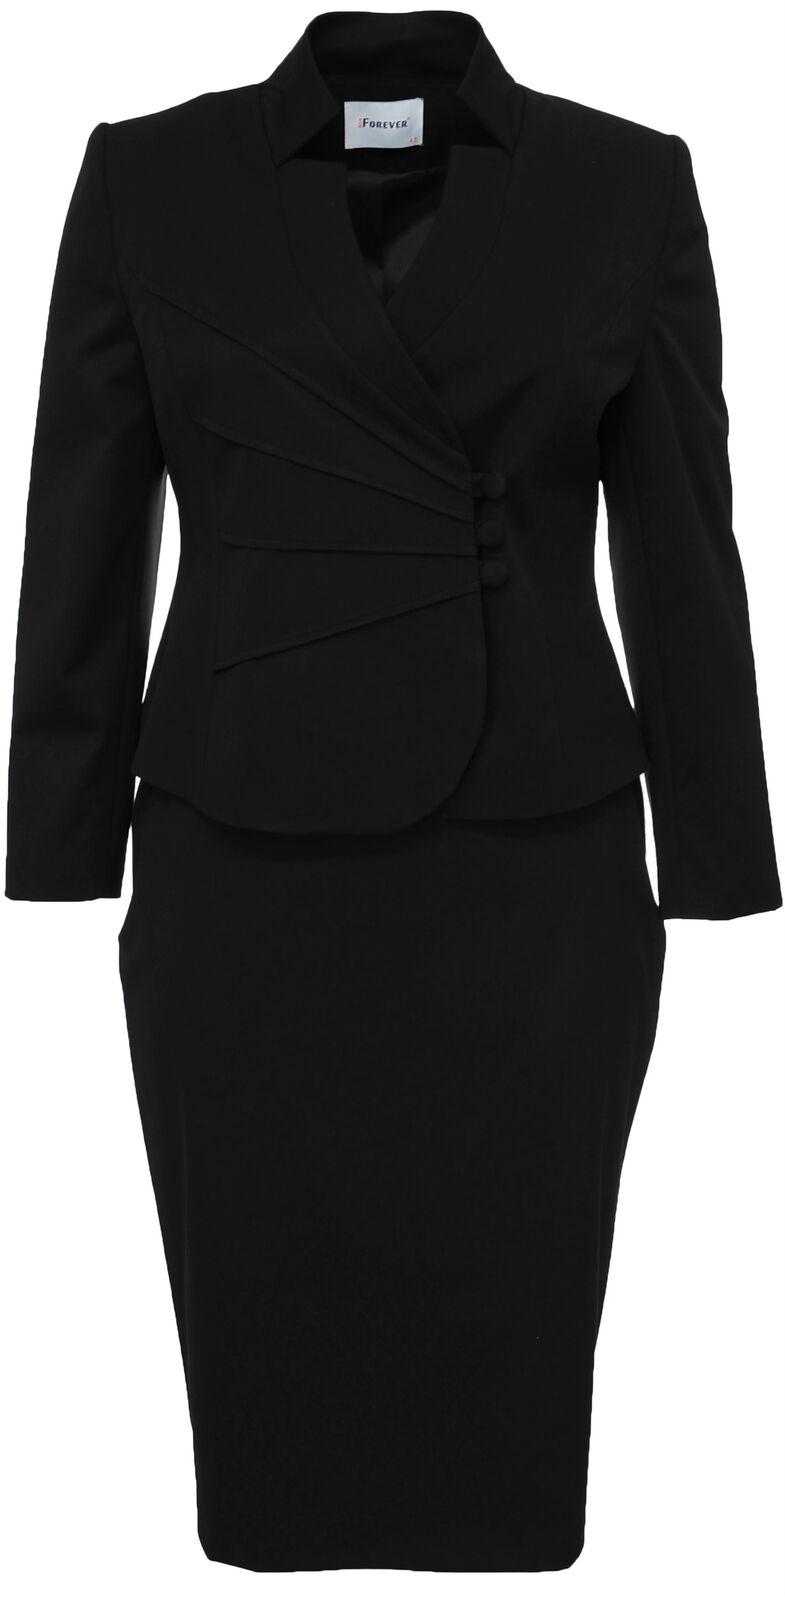 Da Donna Taglia Taglia Taglia 14-22 nero nuovo stile Blazer manica lunga con gonna Nuovo con Etichetta Donna 7c4096